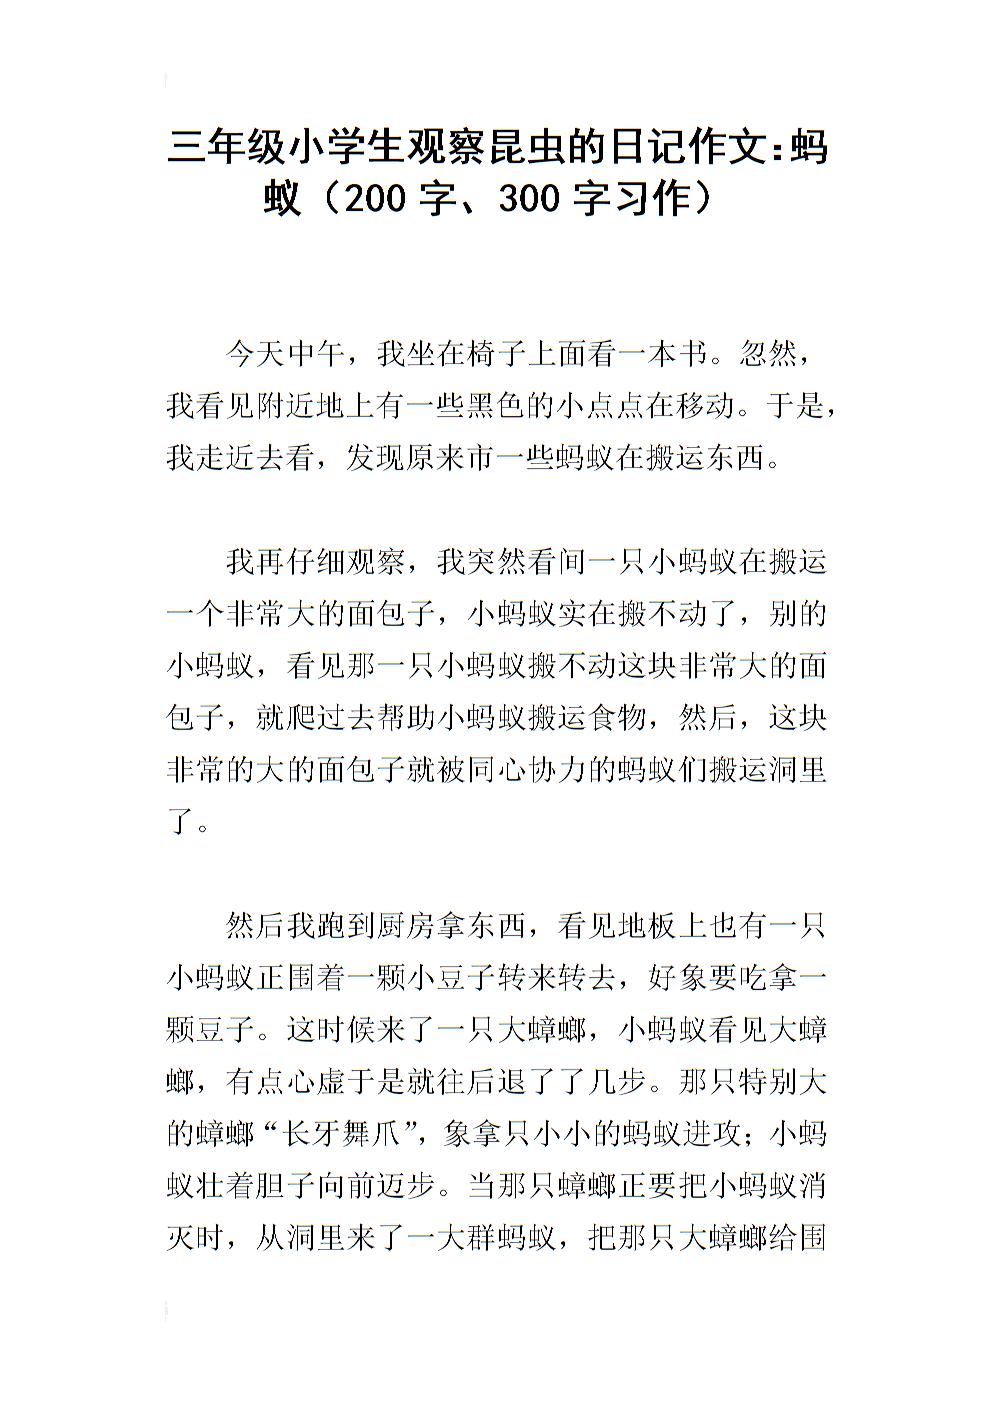 三版面小學生v版面作文的初中螞蟻:昆蟲(200字,300字抄報).docx手五一年級習作日記圖片